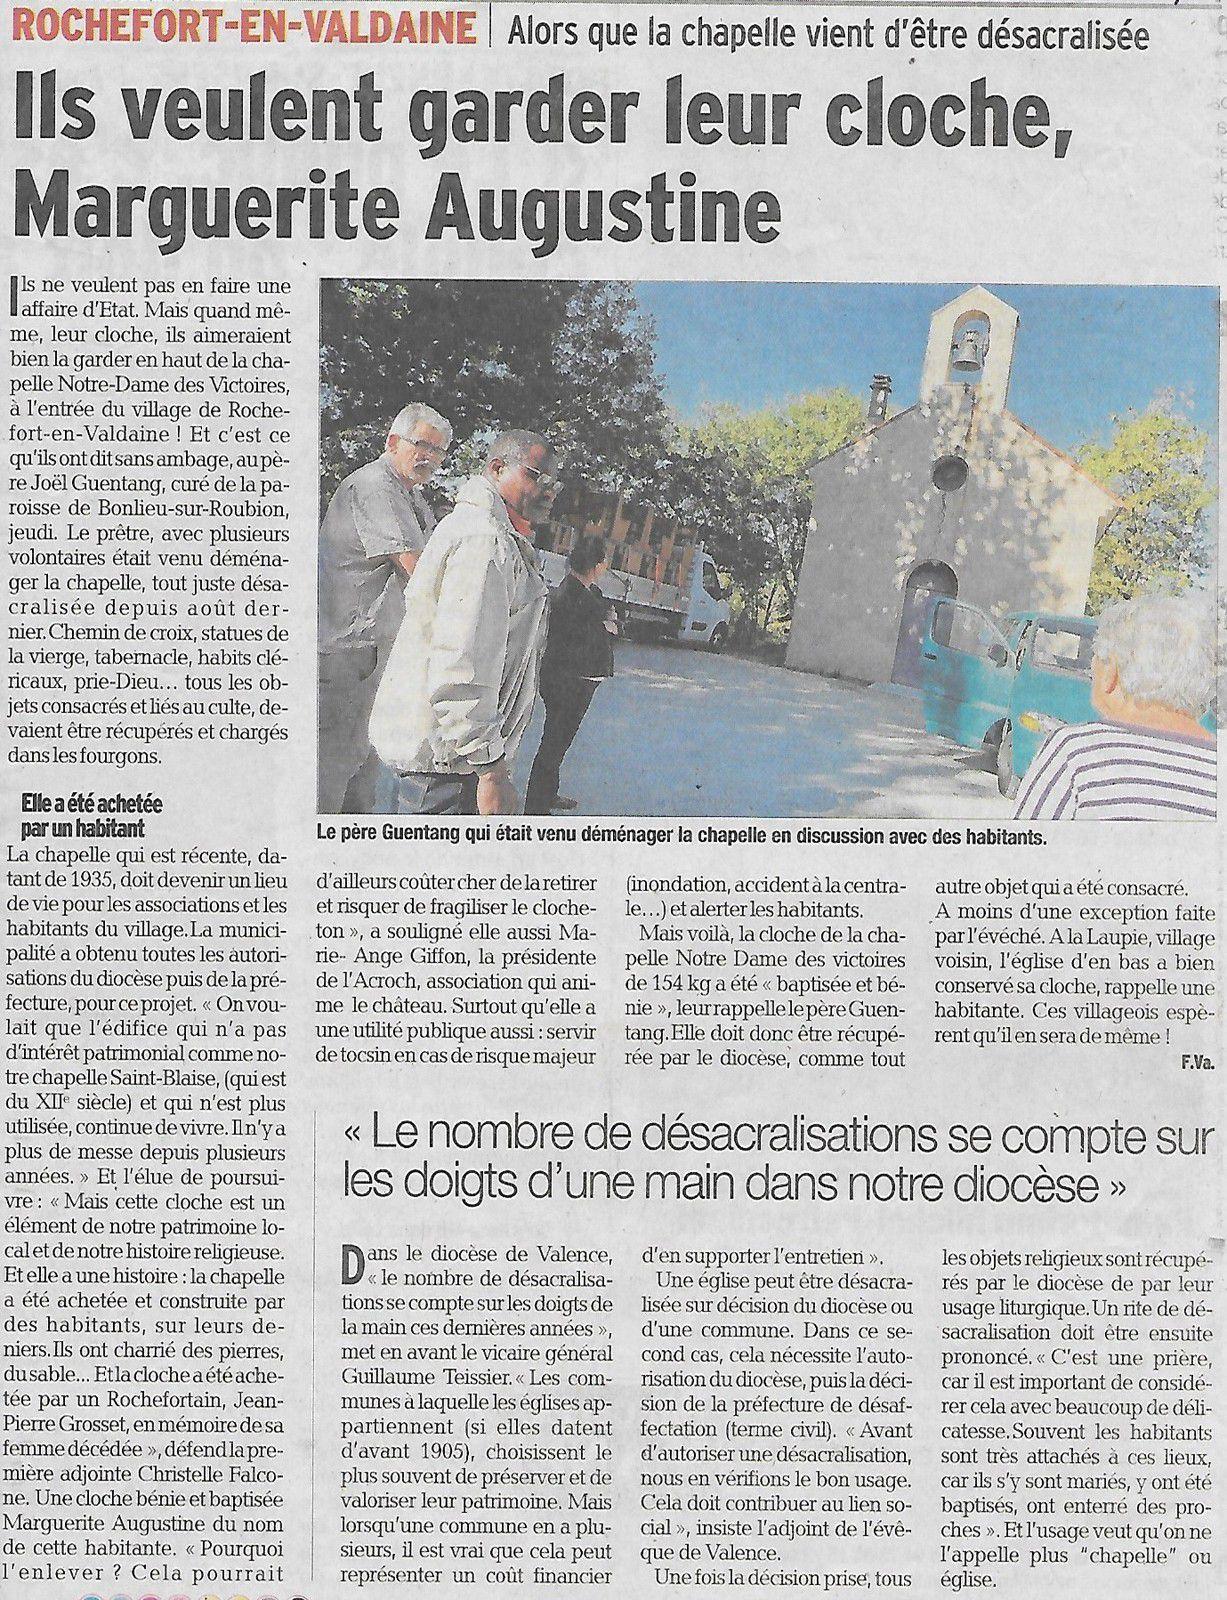 Source: Le Dauphiné Libéré du 06 Octobre 2019.